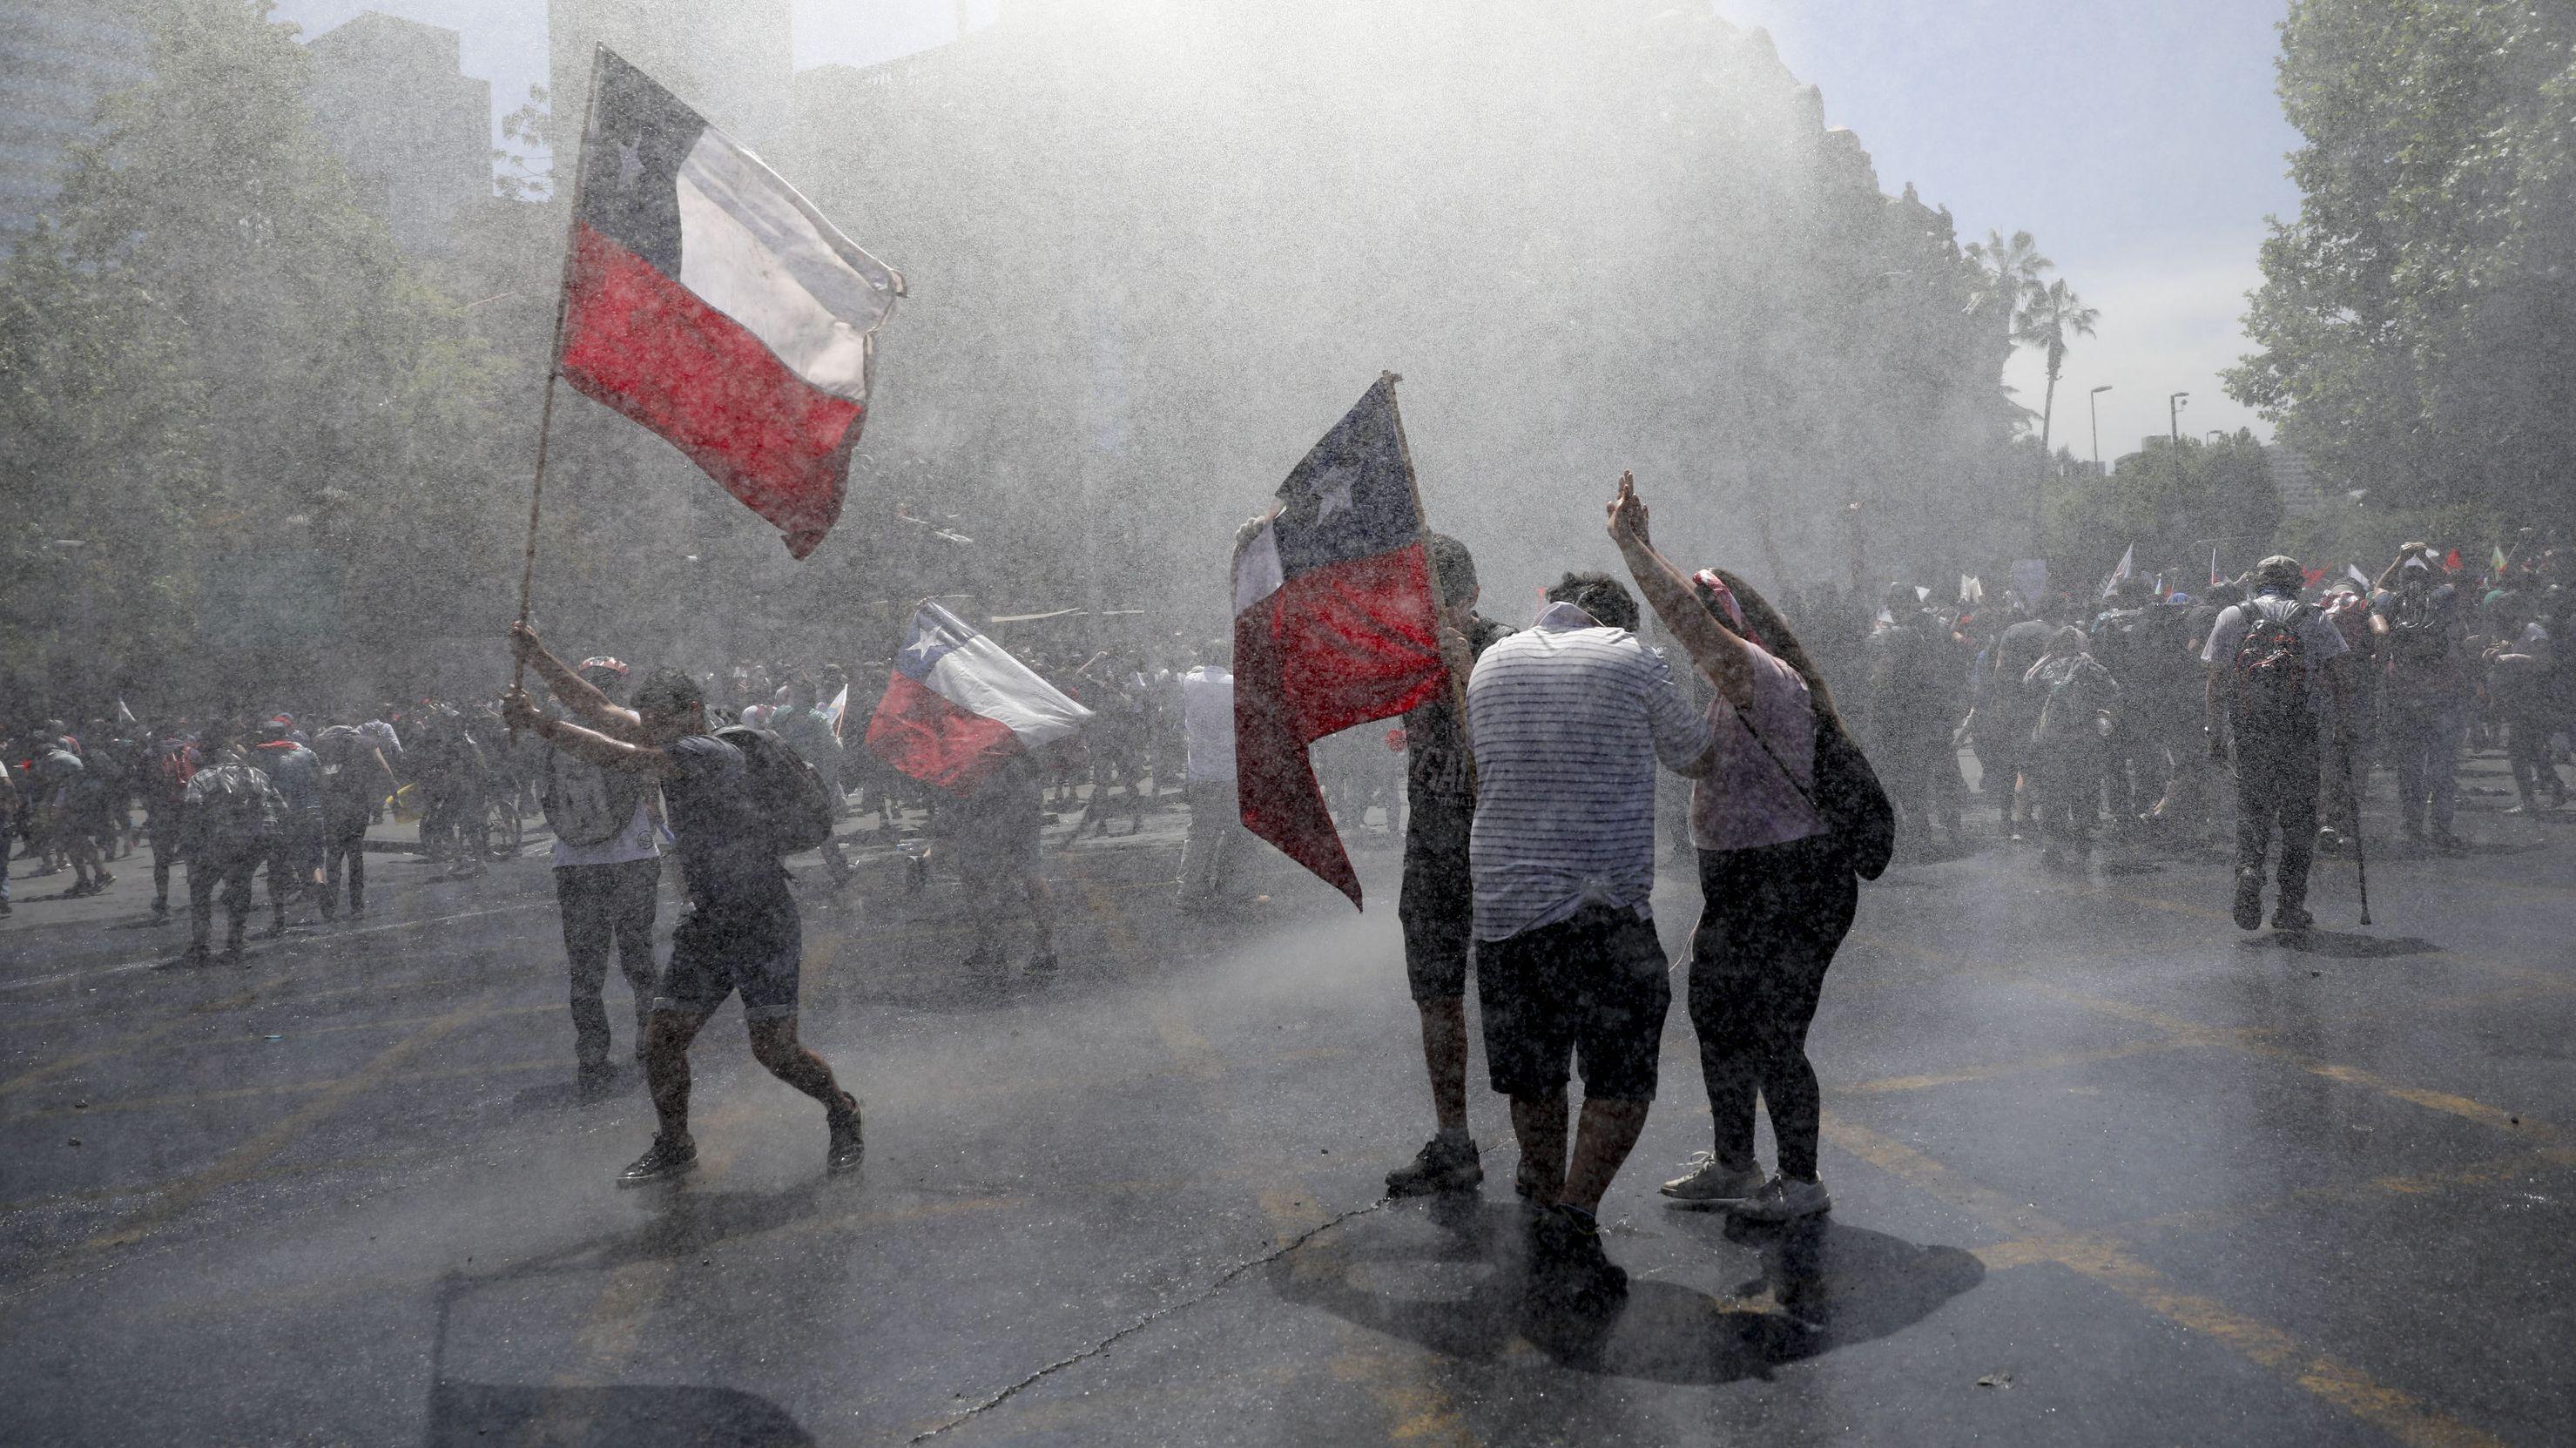 Proteste in der chilenischen Hauptstadt Santiago am 23.10.2019.